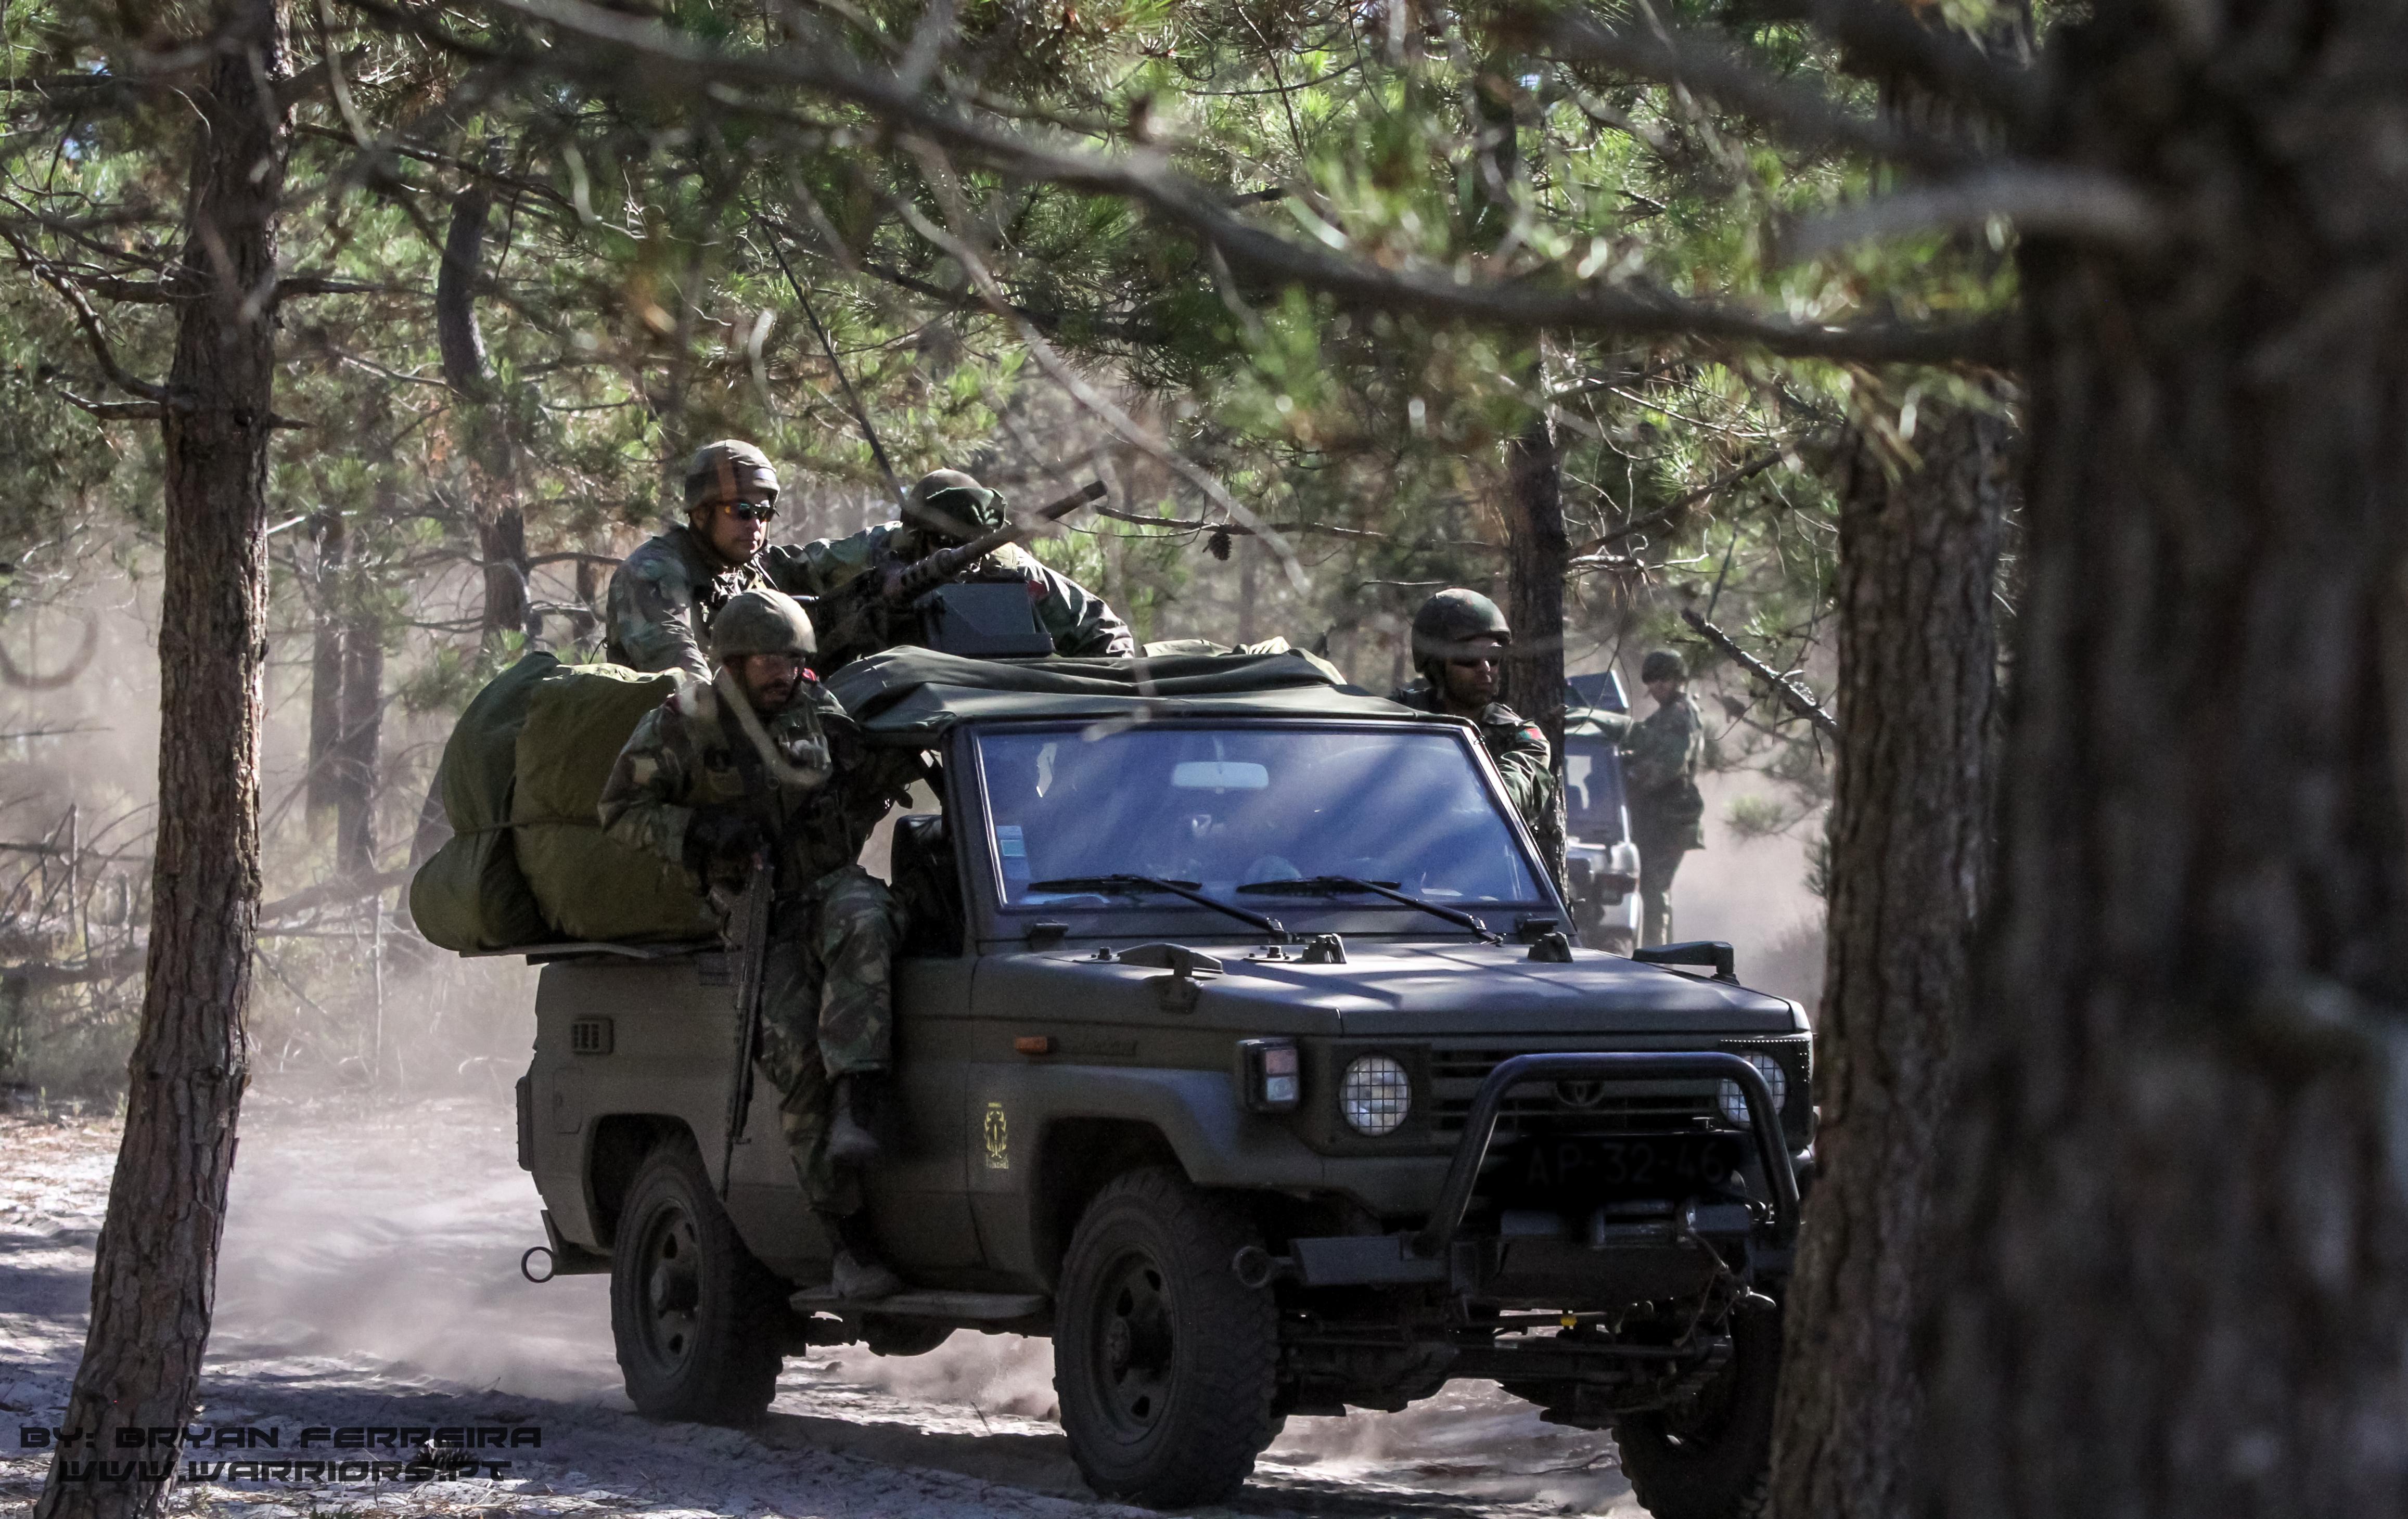 Elementos do Pelotão Anti-Carro usam Toyota Land Cruiser para se deslocarem até um objectivo